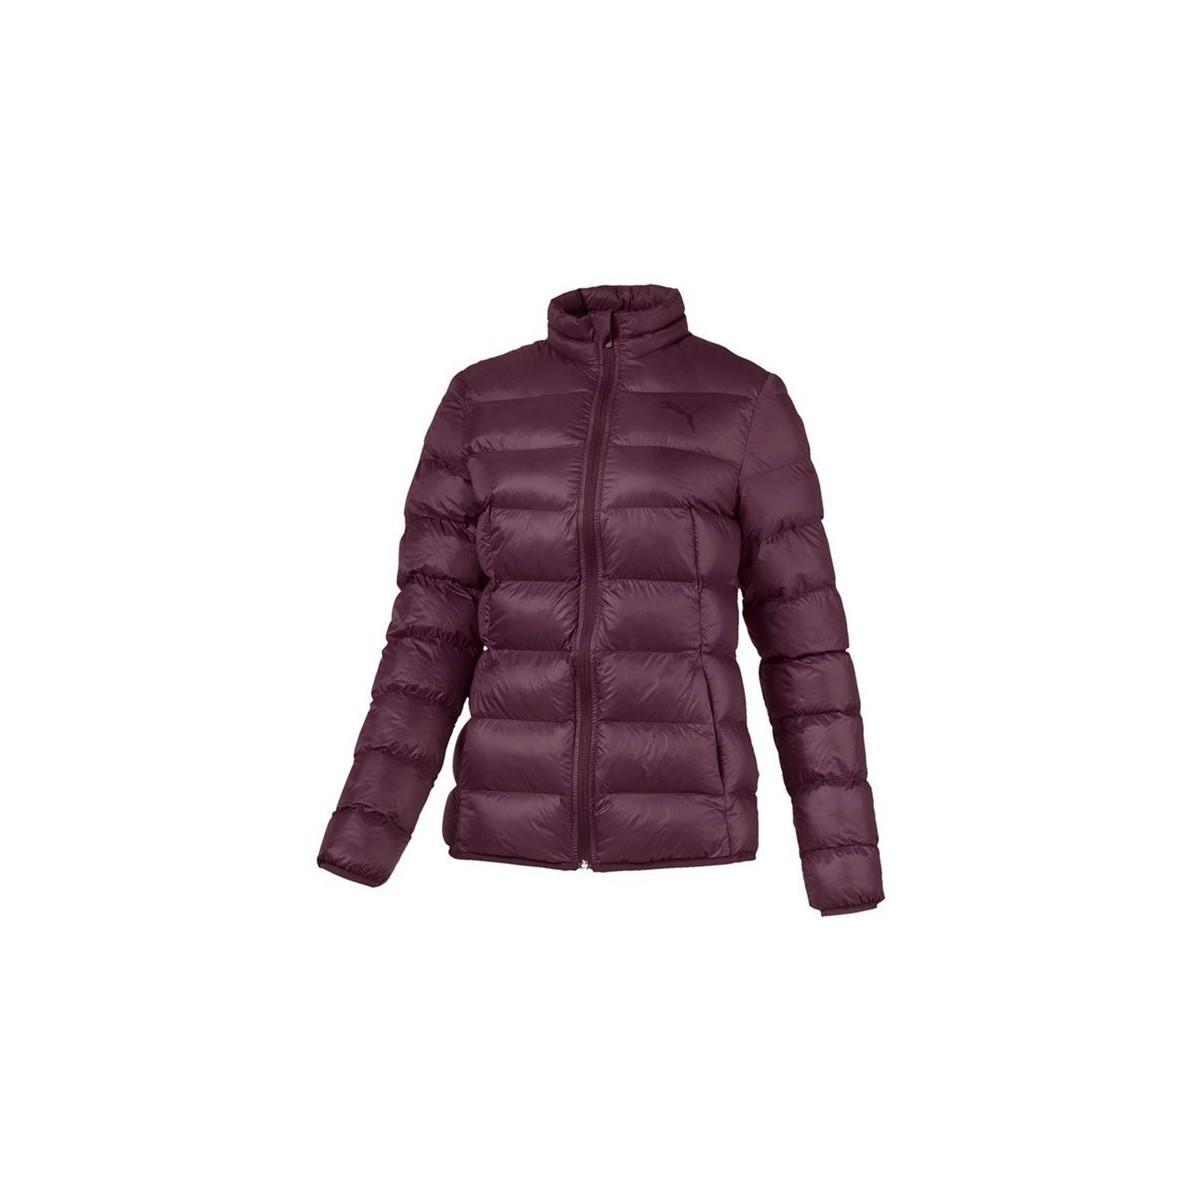 4e0f696d0d7b PUMA Warmcell Ultralight Ad Women s Jacket In Multicolour in Purple ...